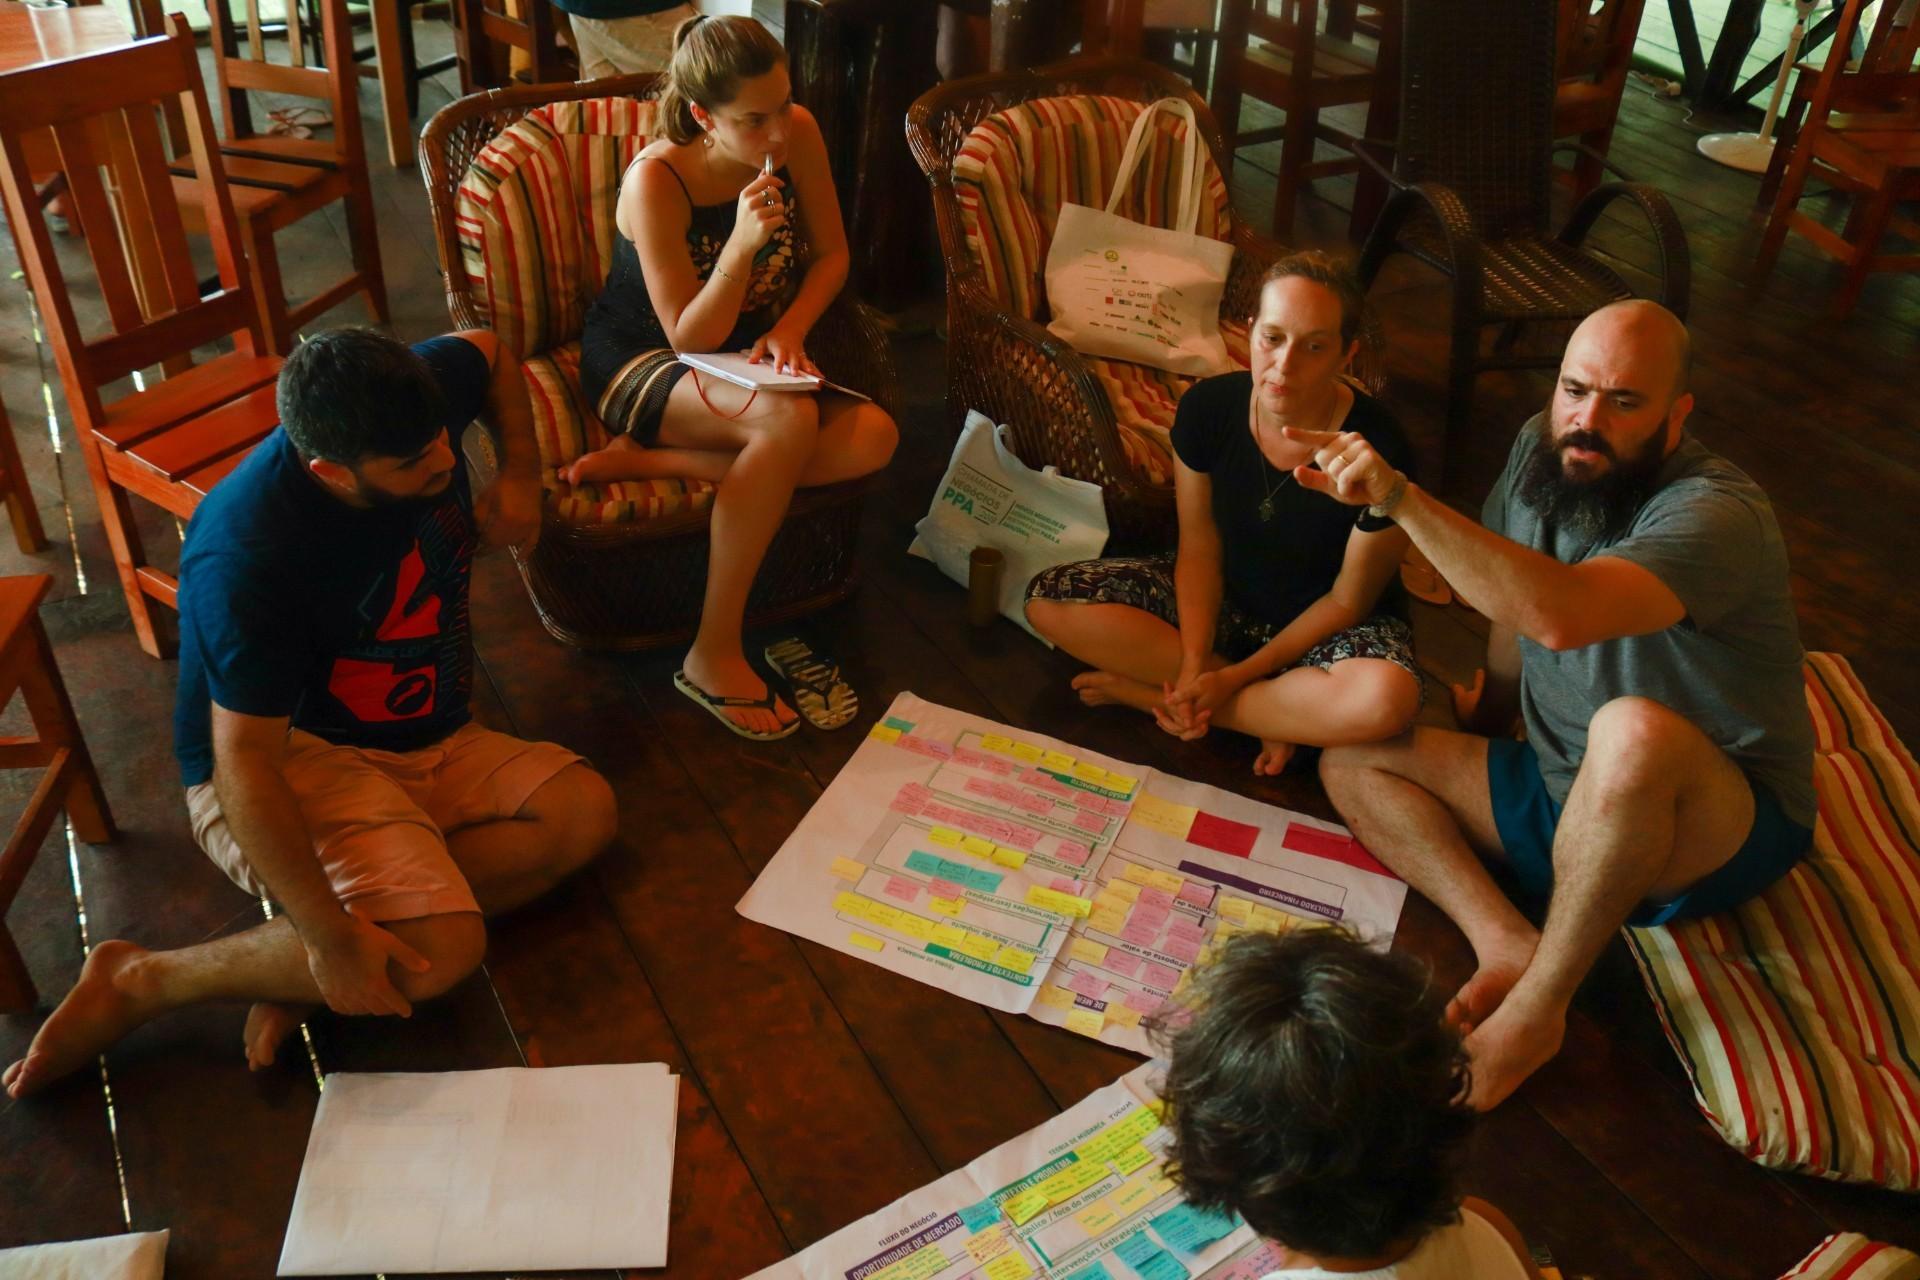 Empreendimentos de impacto positivo traçam seus modelos de negócio e indicadores de impacto (Foto: IDESAM)